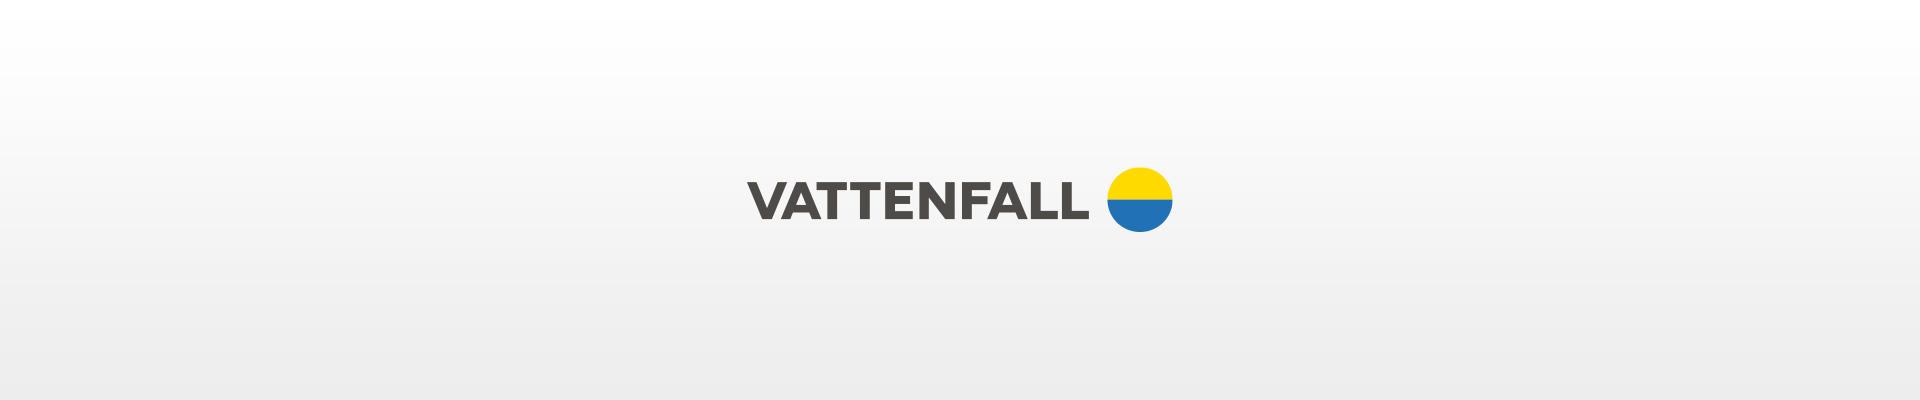 Vattenfall_BlijvenLoont-2